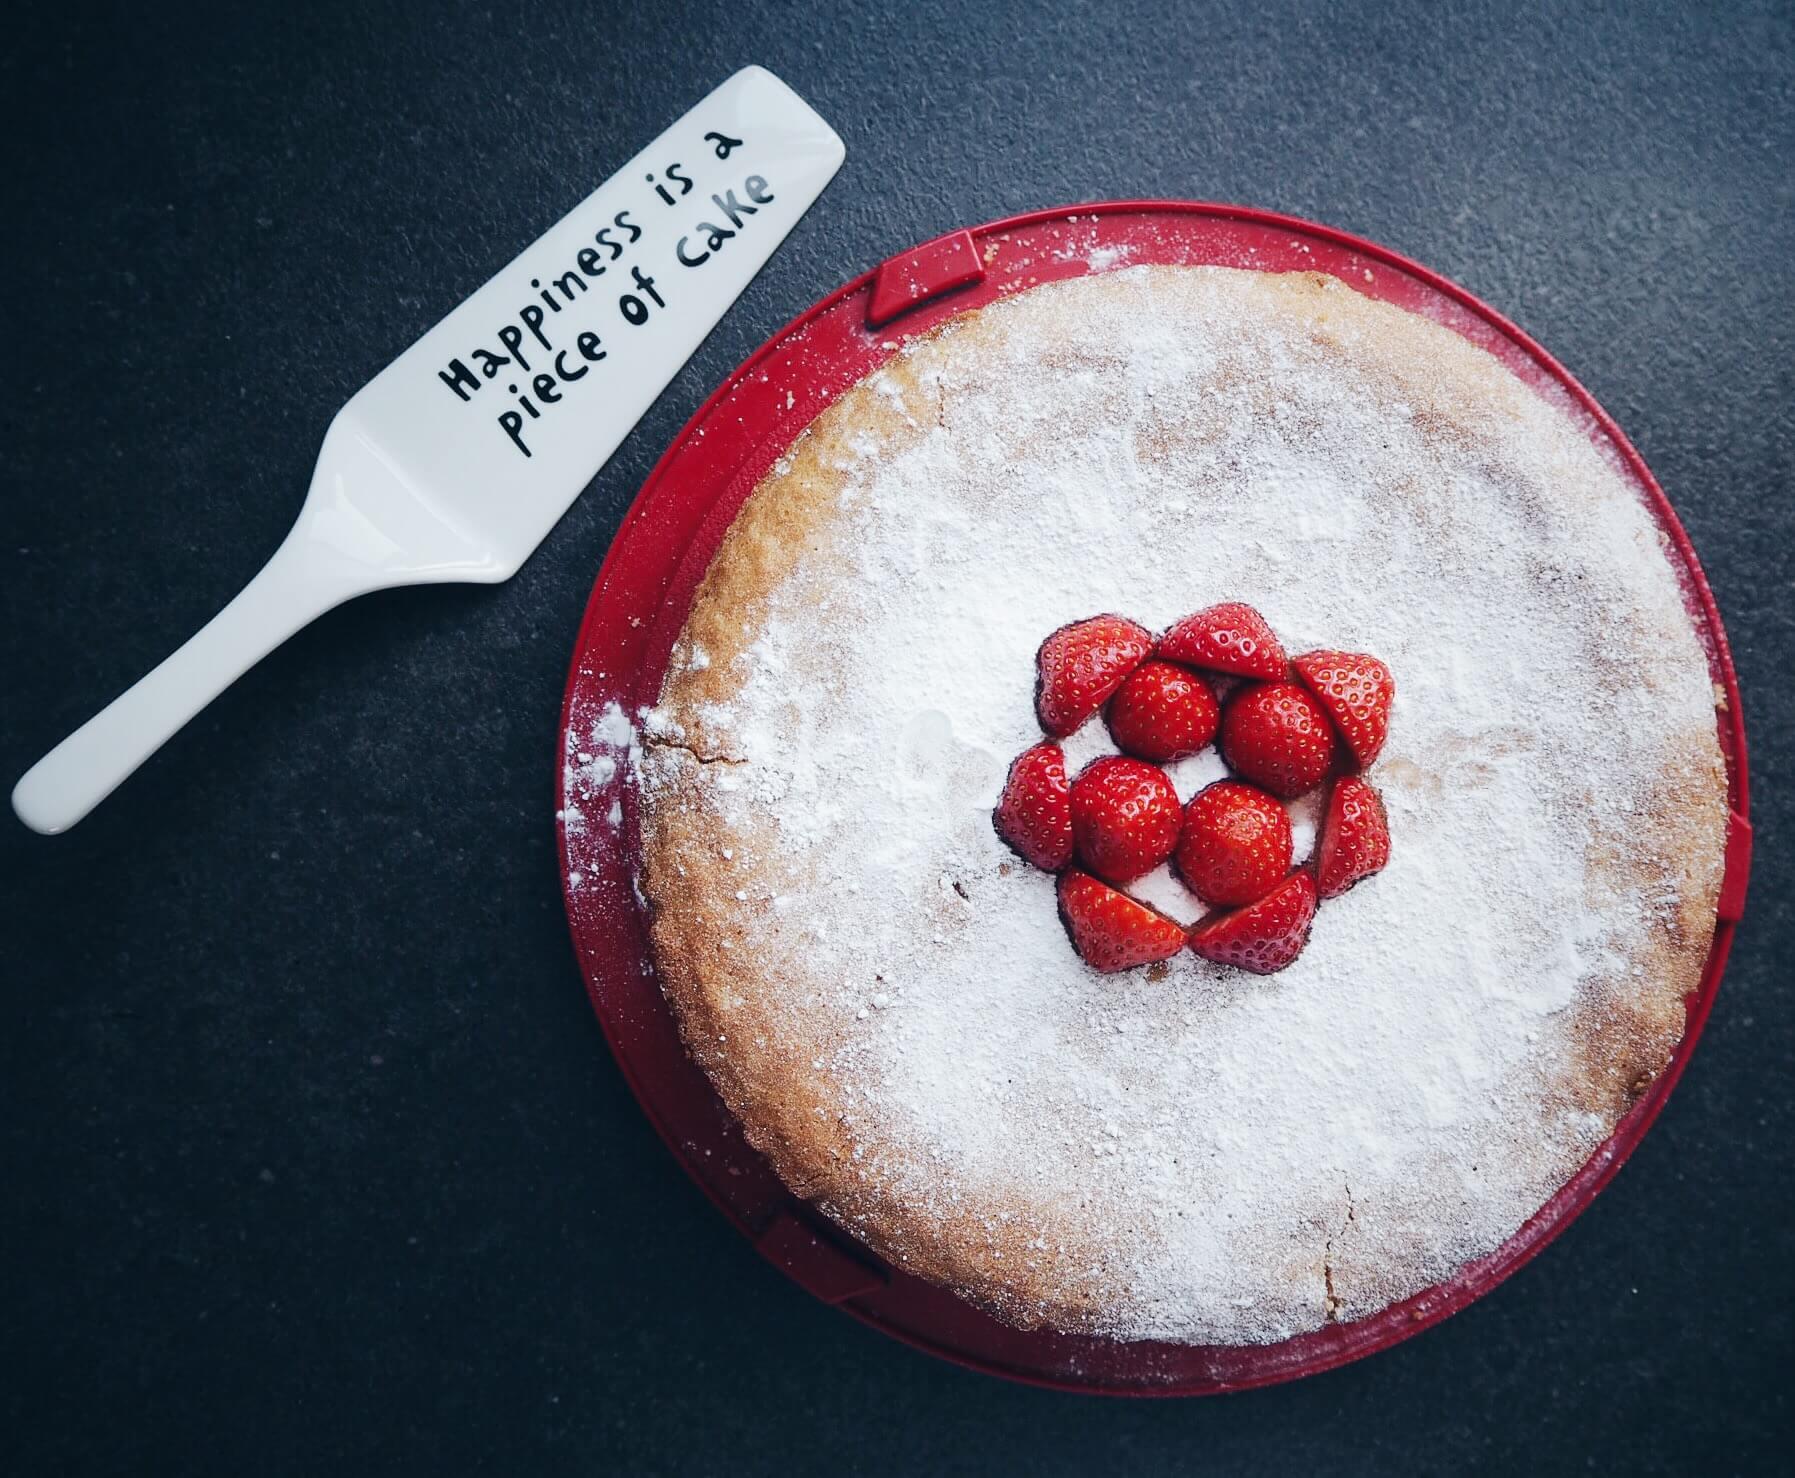 Homemade strawberry and cream cake - yum!